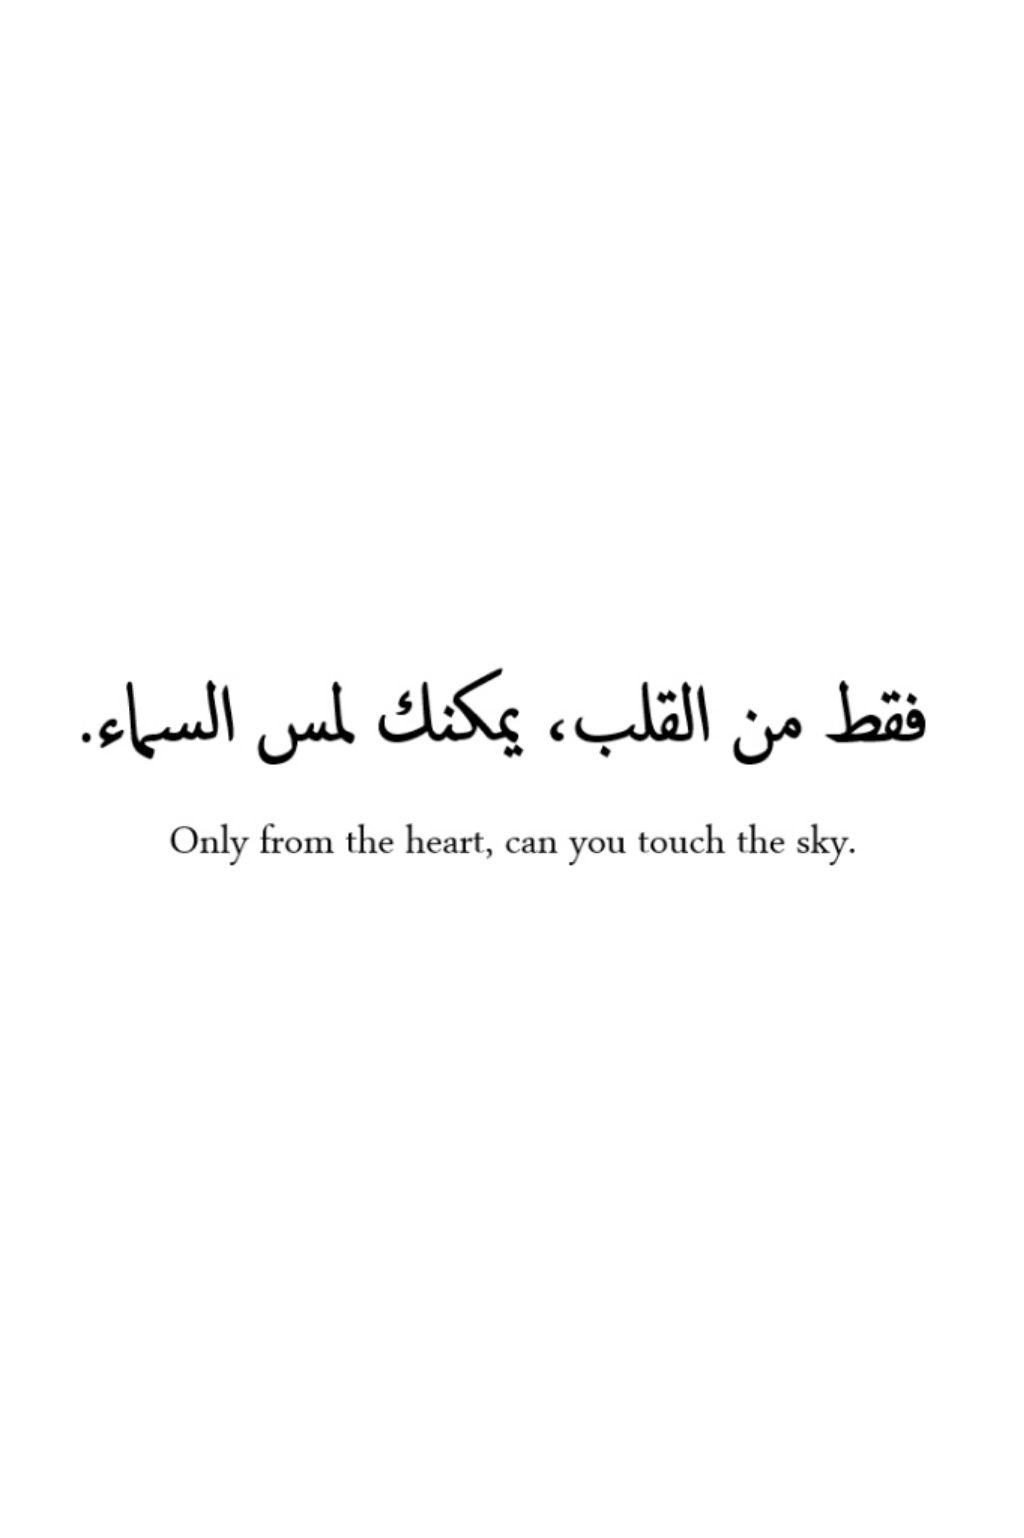 farsi quote by Rumi